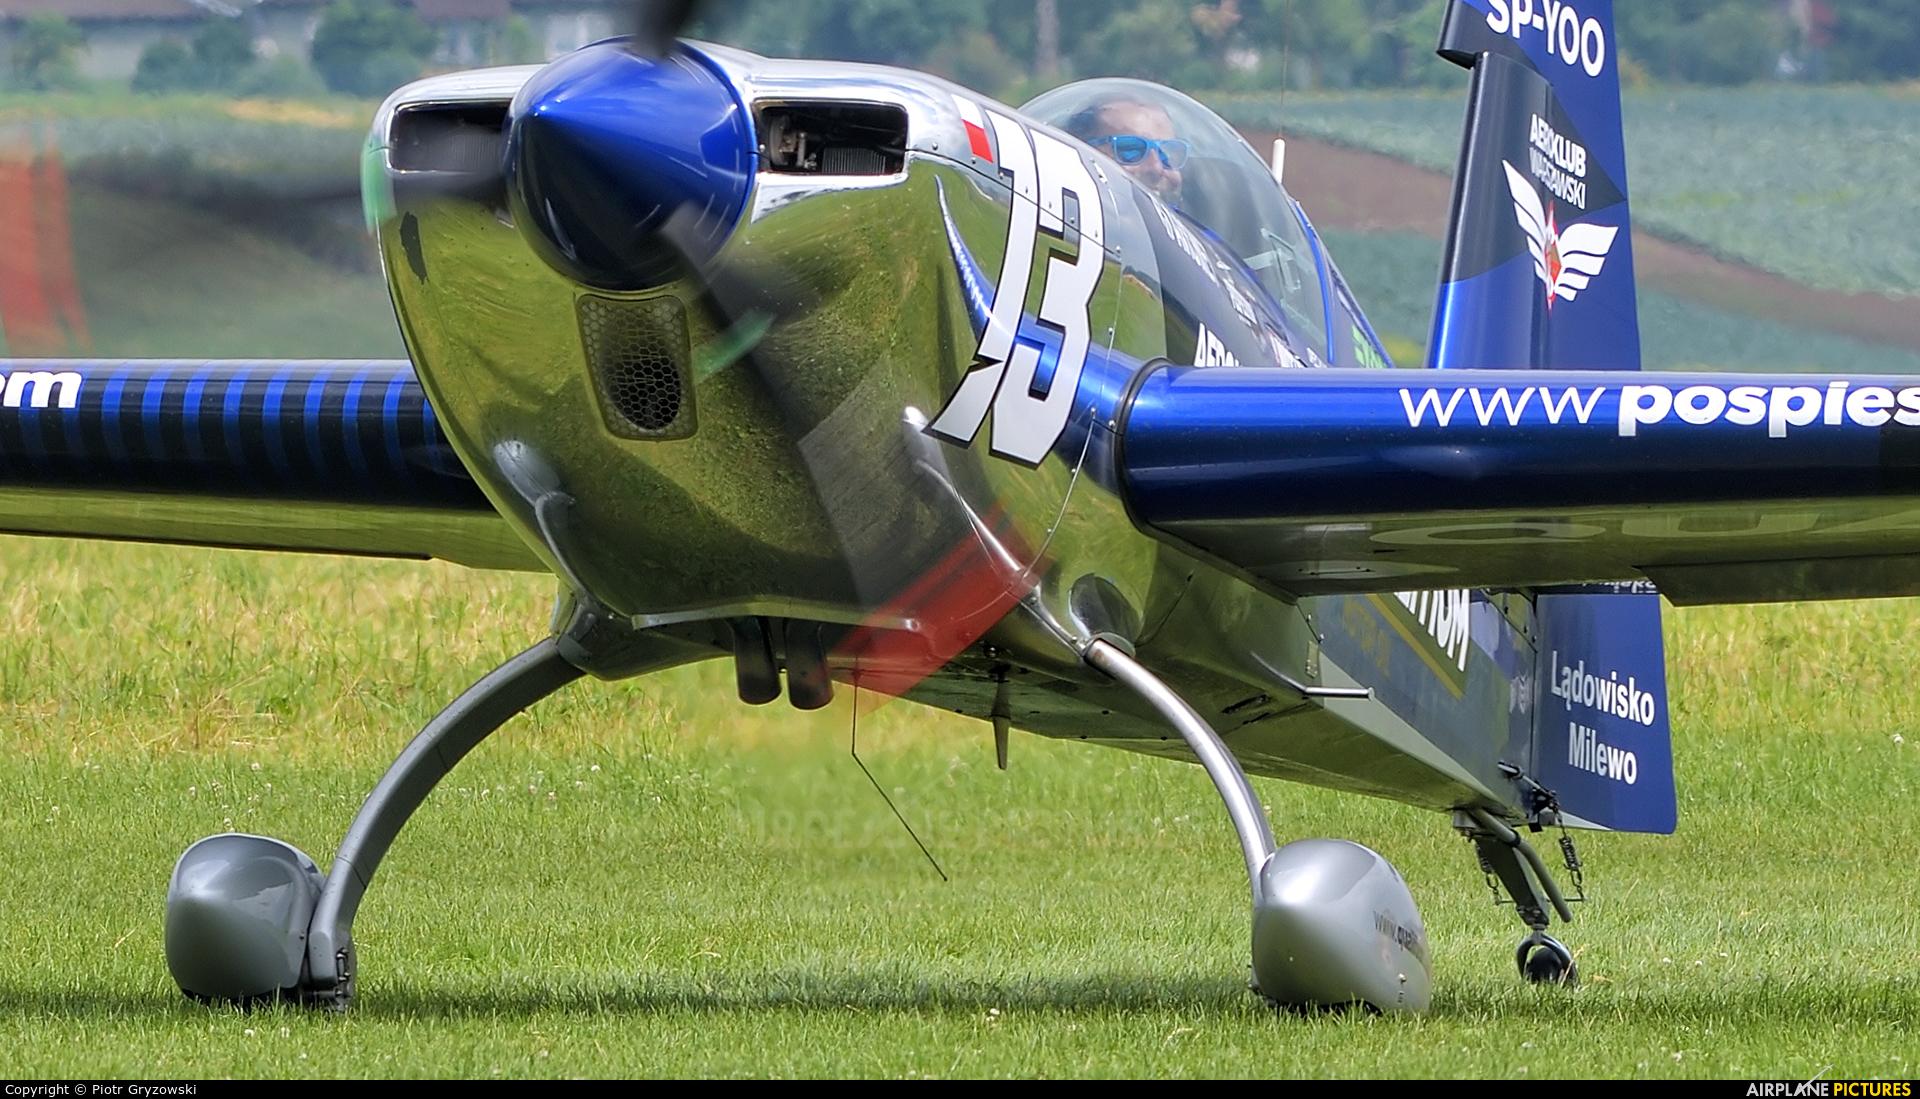 Maciej Pospieszyński - Aerobatics SP-YOO aircraft at Kraków - Pobiednik Wielki